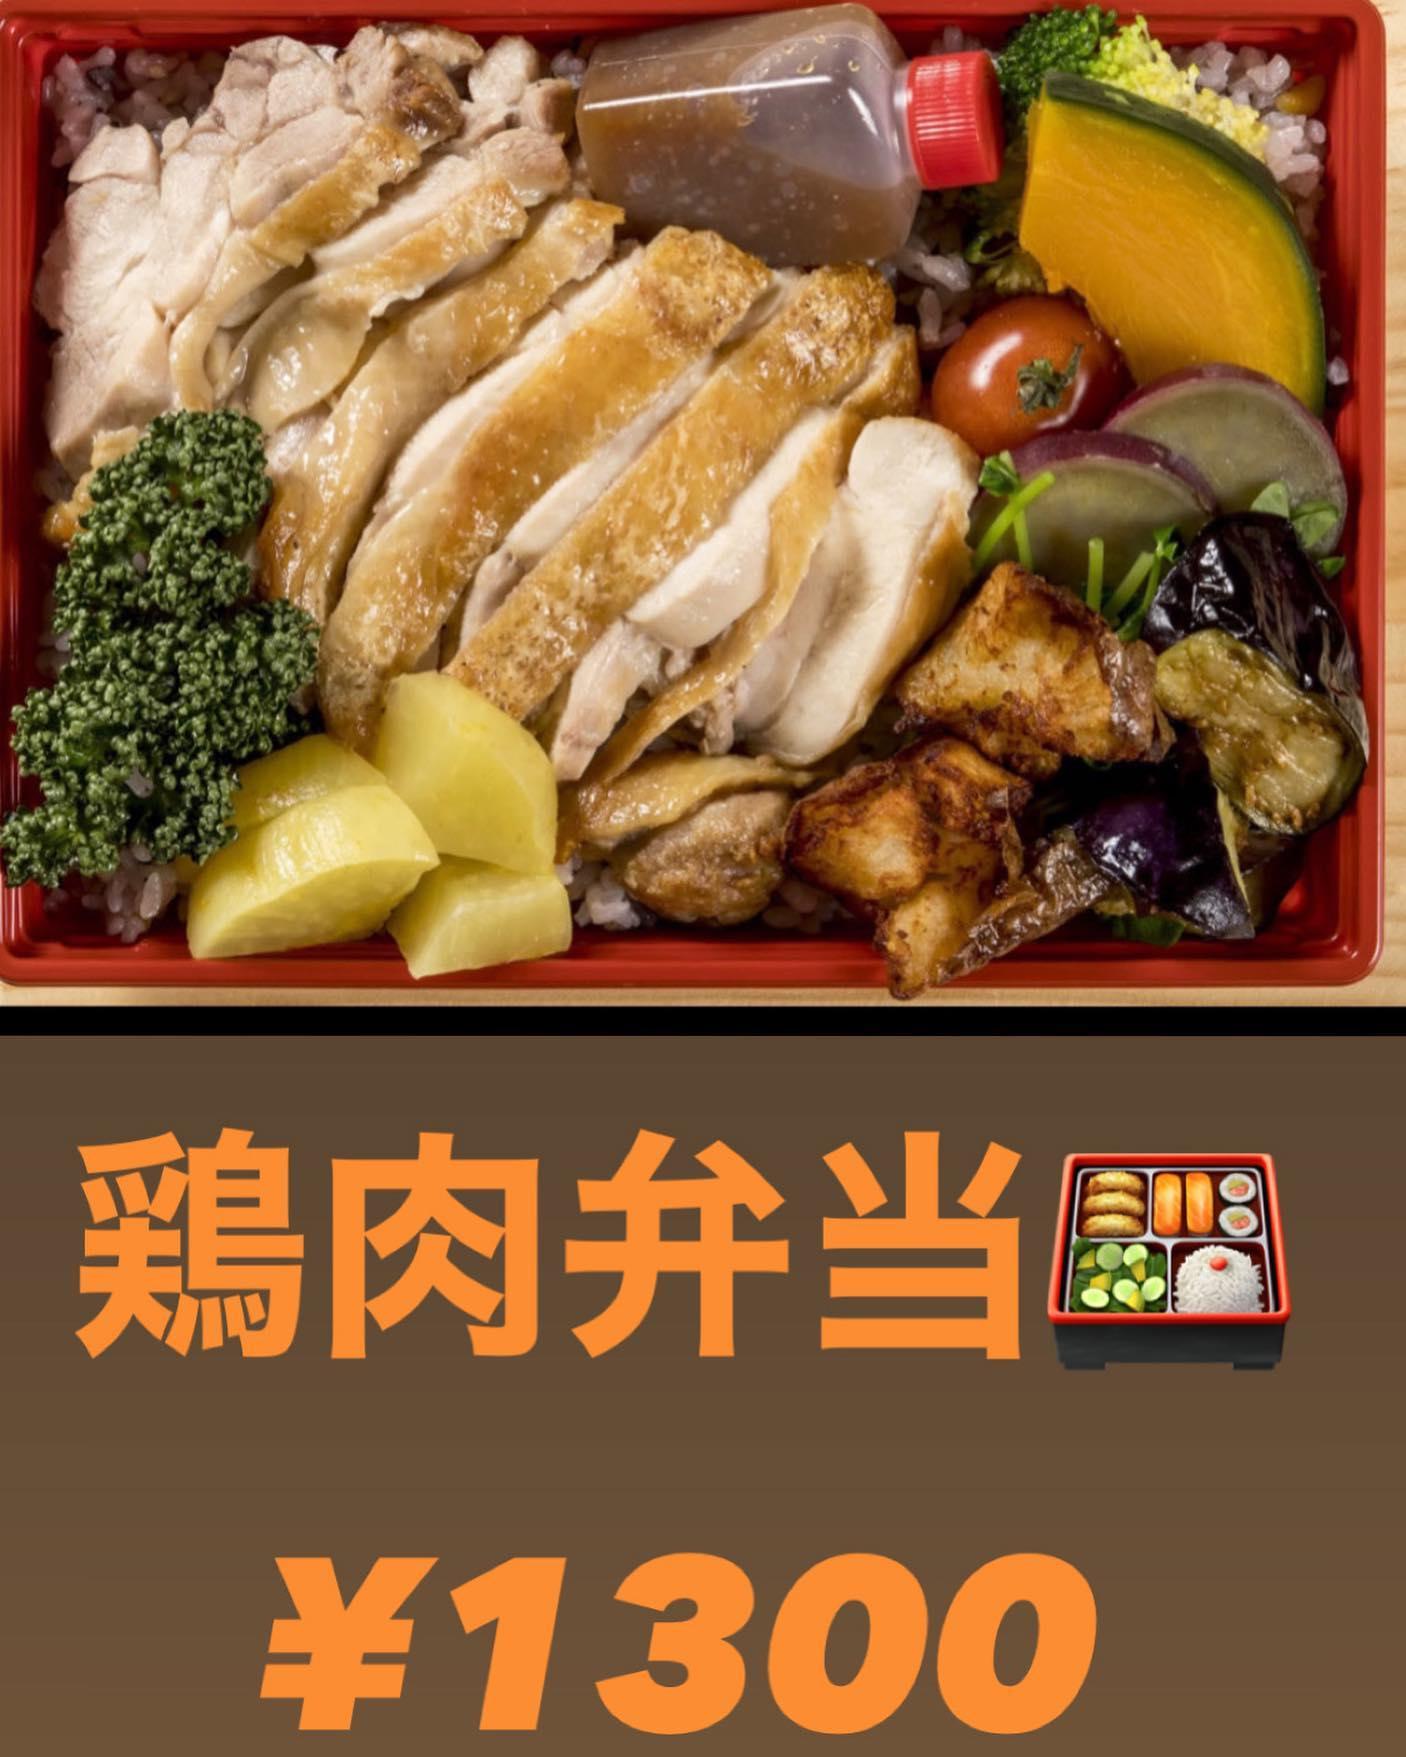 なっぱ畑です(o^^o) 今日のオススメお弁当は、 国産鶏もも肉の鶏肉弁当 最近、歓送迎会でお弁当の問い合わせがあり!これから、なっぱ畑のお弁当をUPしますのでよろしくお願い致します🤲 以上、なっぱ畑でした ハァ〜イ♪( ´θ`)ノ